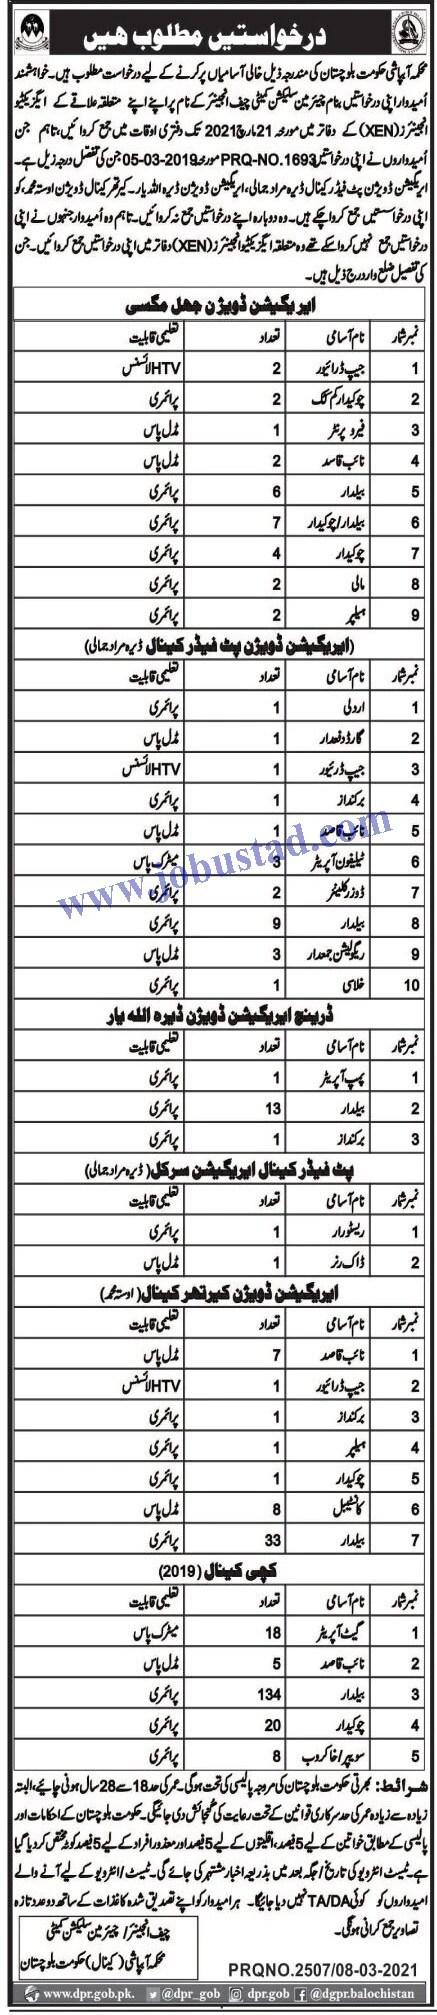 Irrigation Department Jobs 2021 - Irrigation Department Balochistan Jobs 2021 - Balochistan Irrigation Department Jobs 2021 - Latest Posts in Irrigation Department Govt of Balochistan Jobs 2021